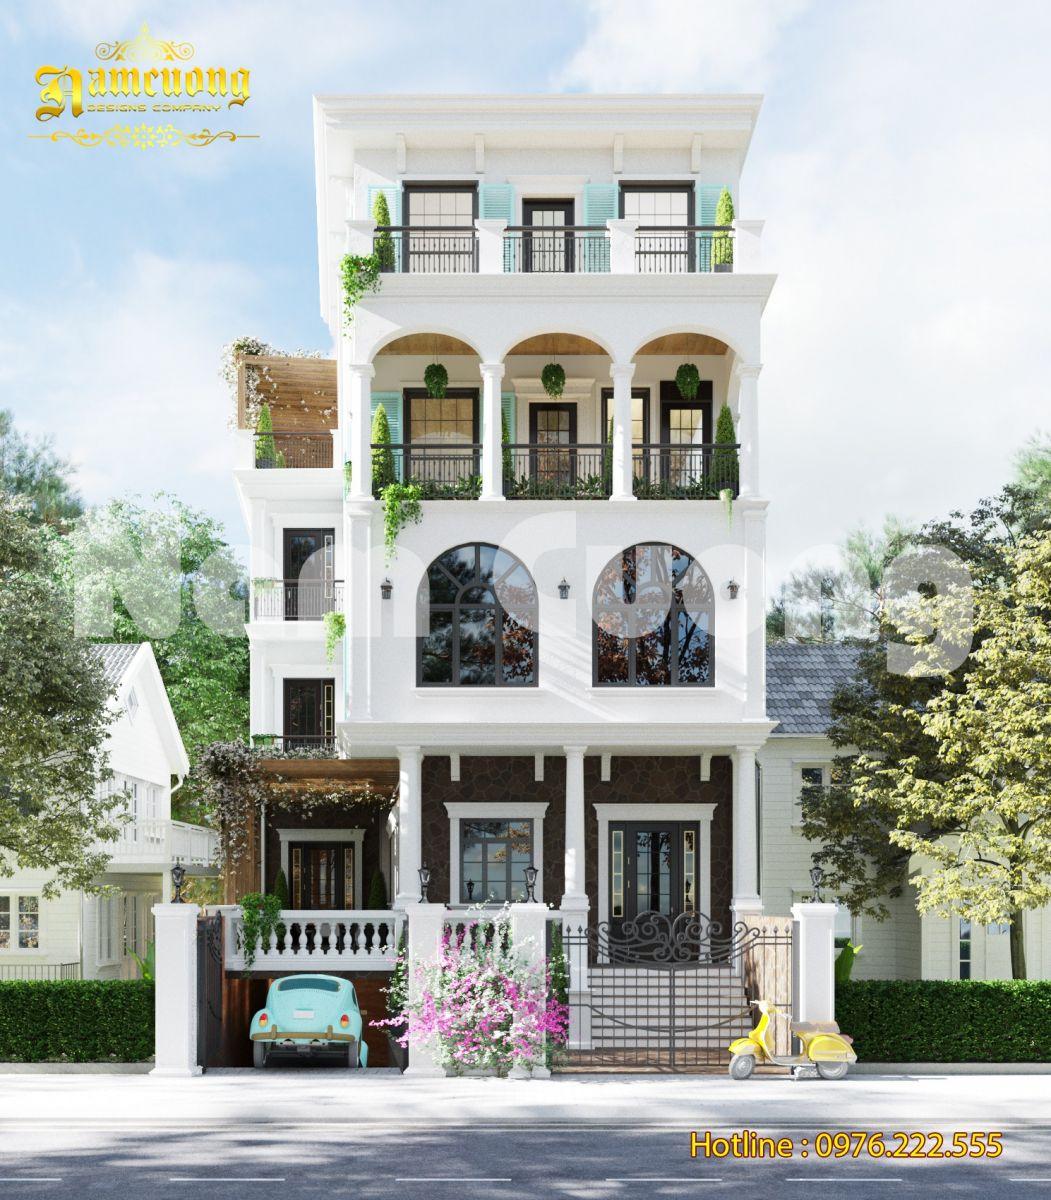 Thiết kế biệt thự nhà phố tân cổ điển 4 tầng